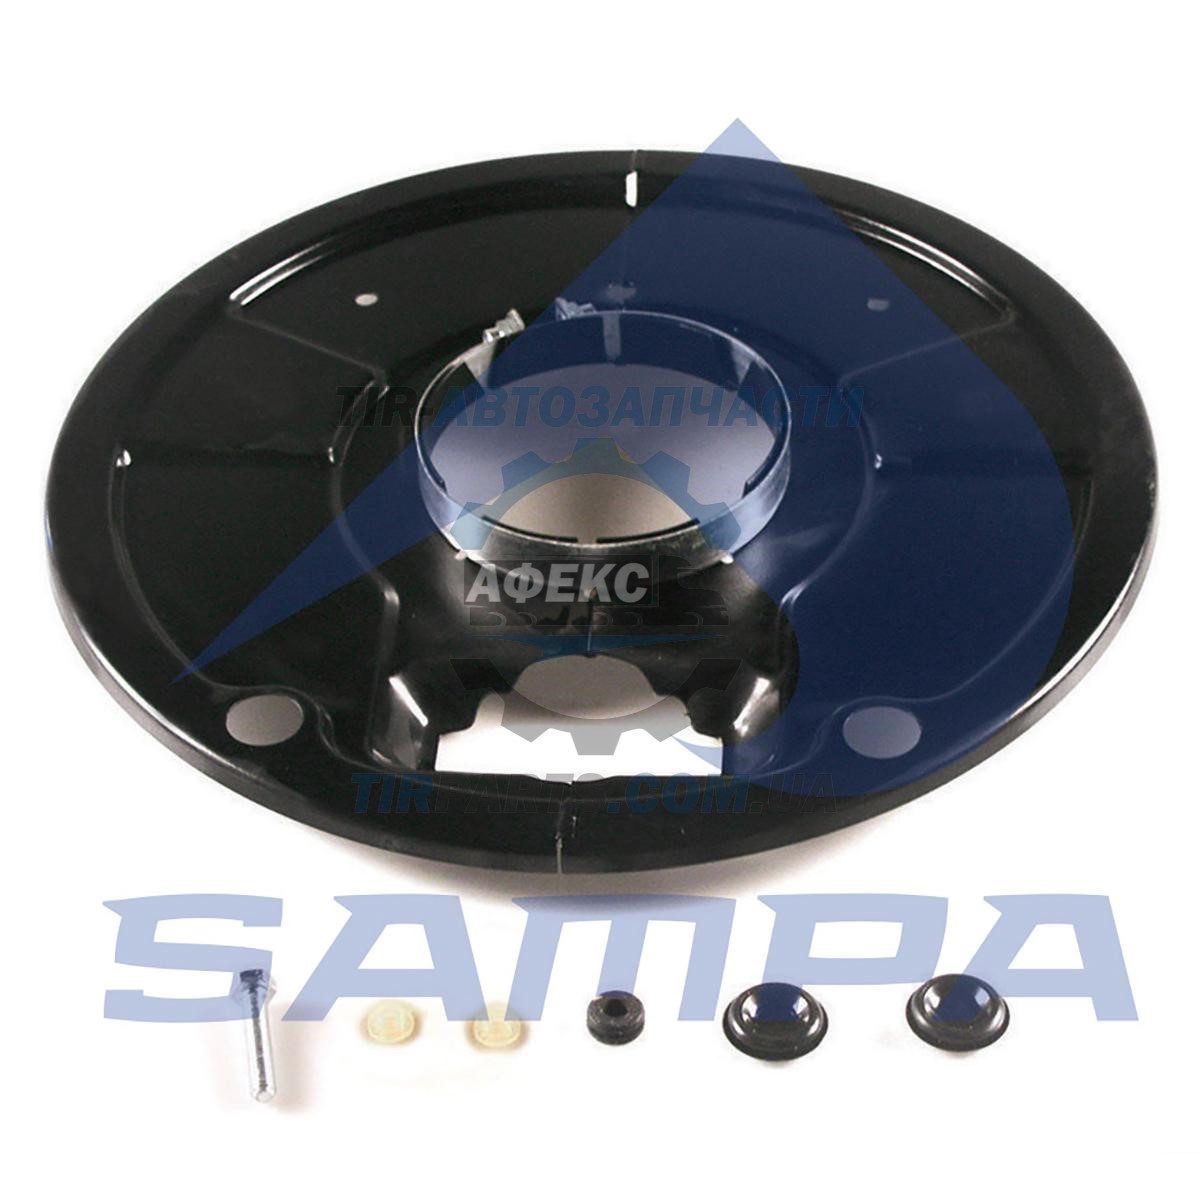 Пыльники(защита) тормозного барабана колесный SAF SK RS / RZ 9037 / 11037 с хомутом 127x400x25 на ось